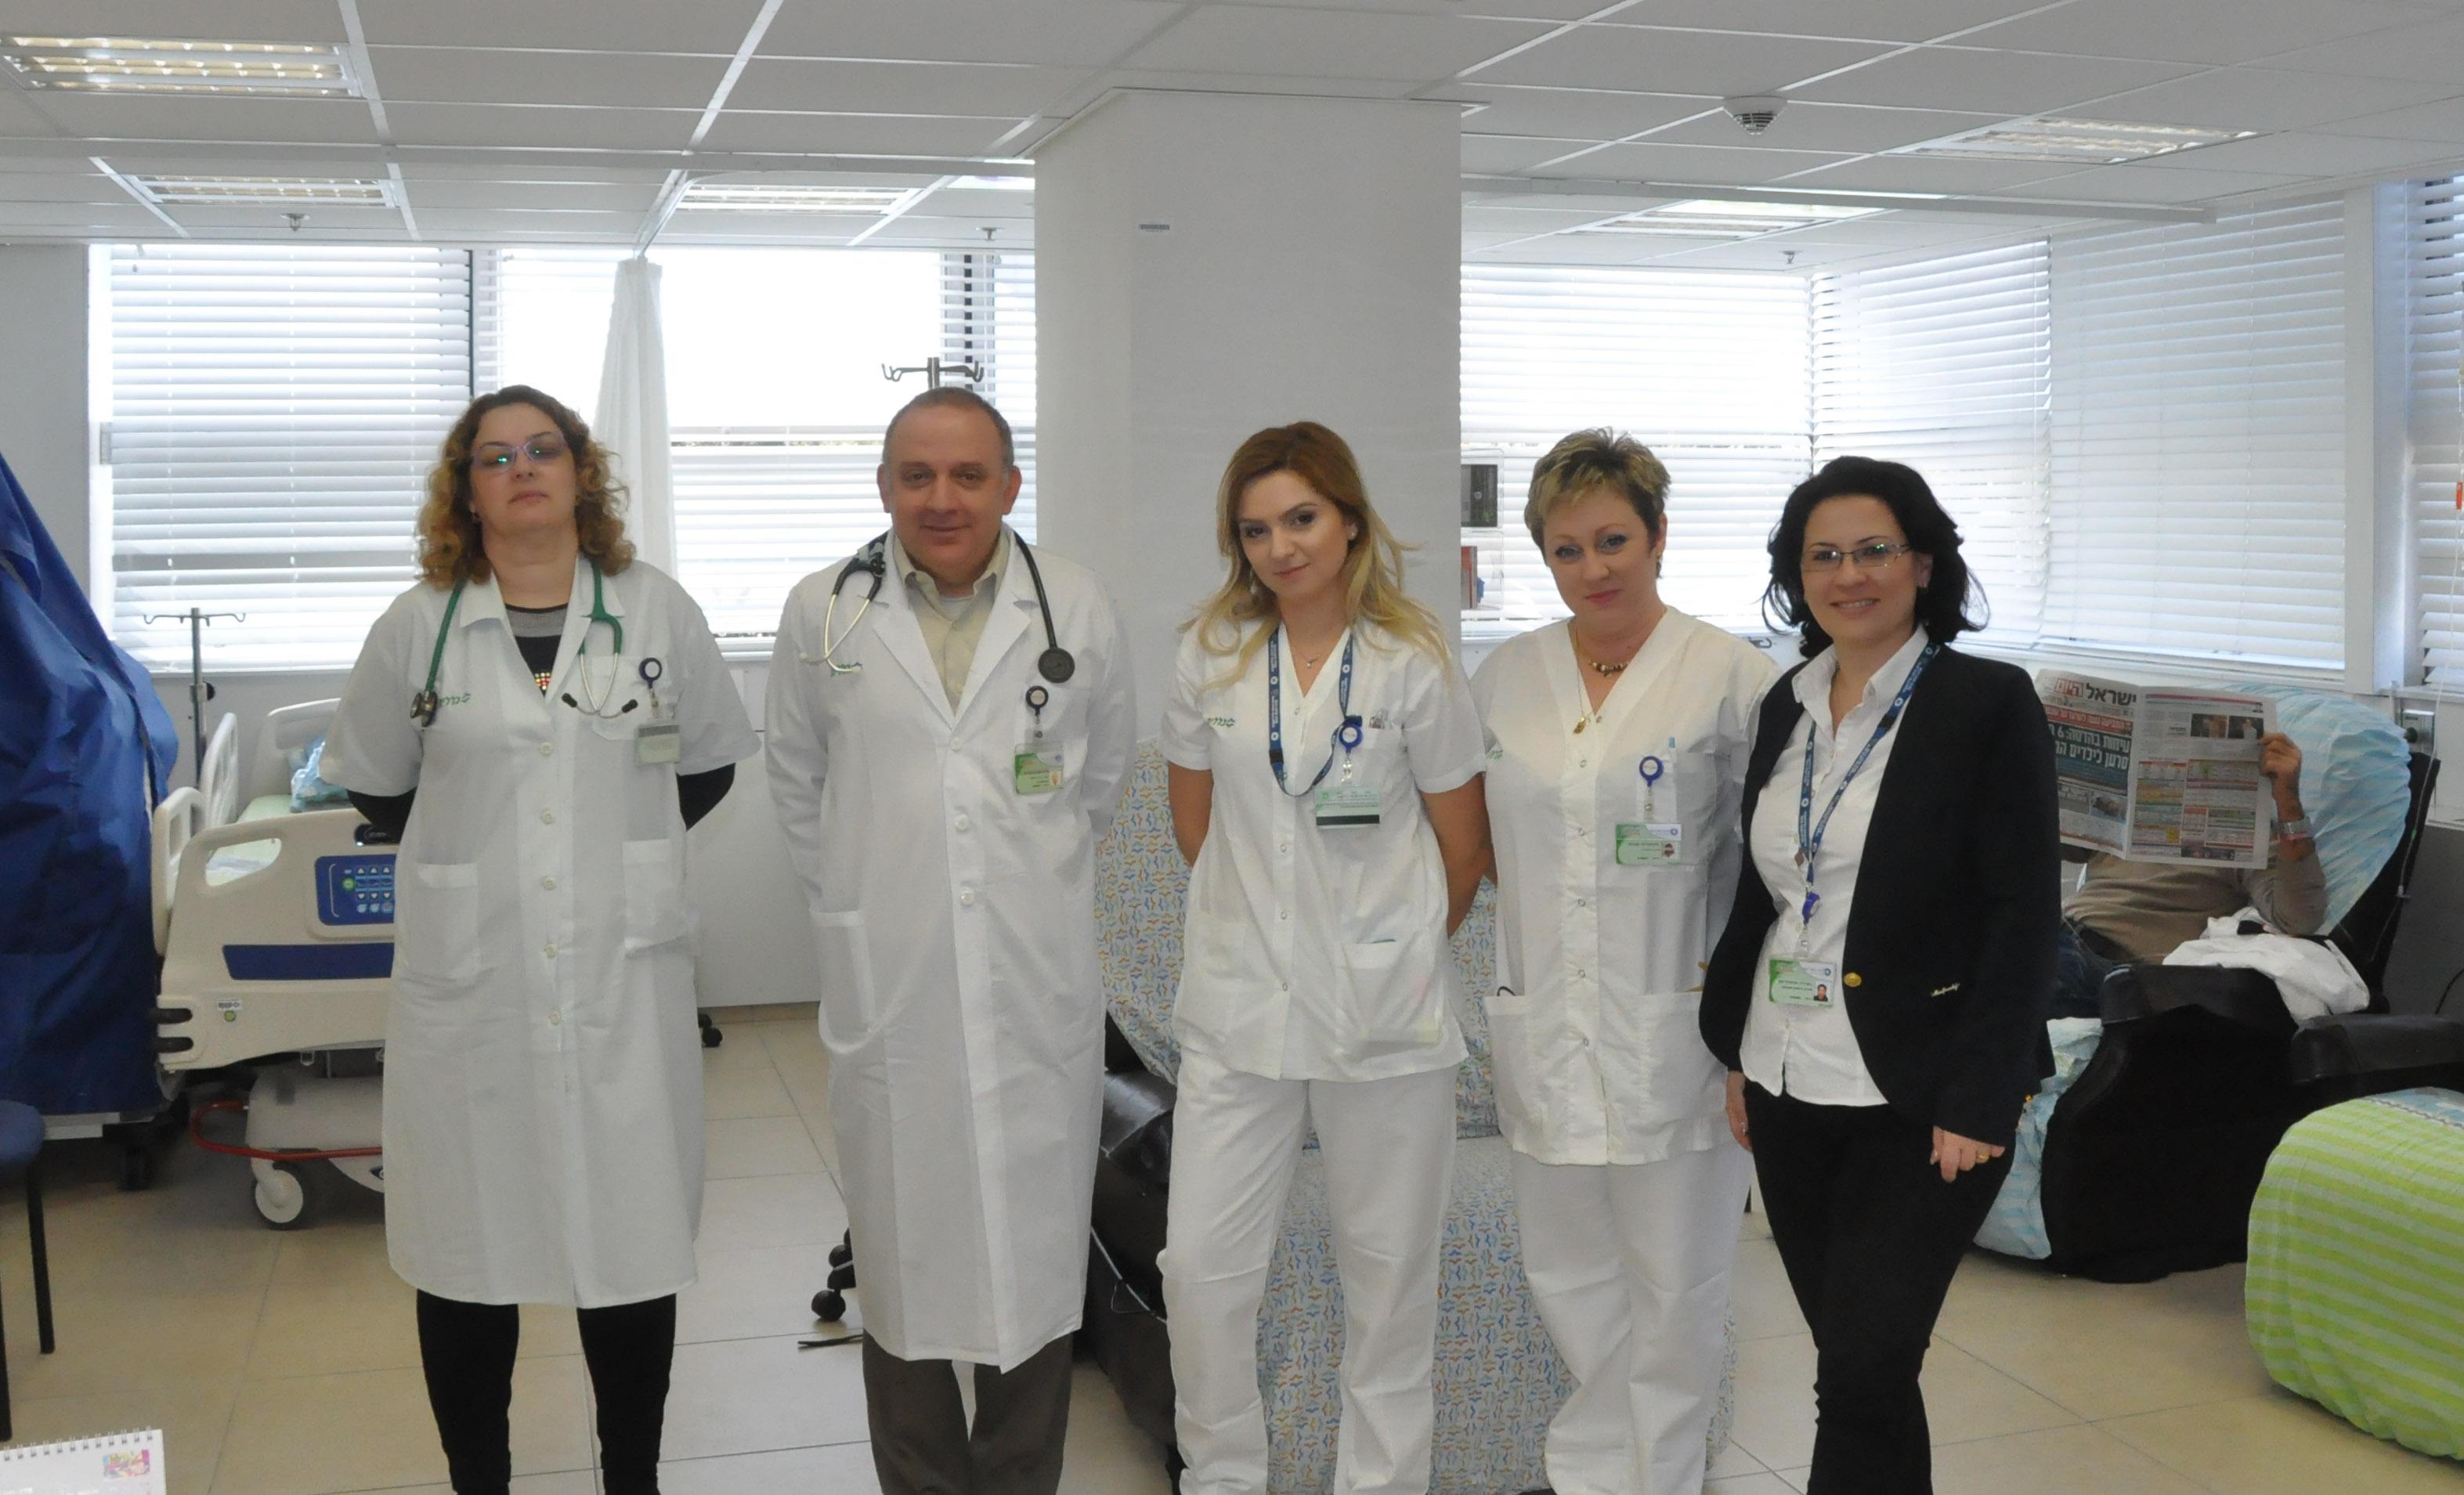 הצוות המטפל במתחם הטיפולים ההמטואונקולוגי (צילום דוד חורש, דוברות שירותי בריאות כללית)